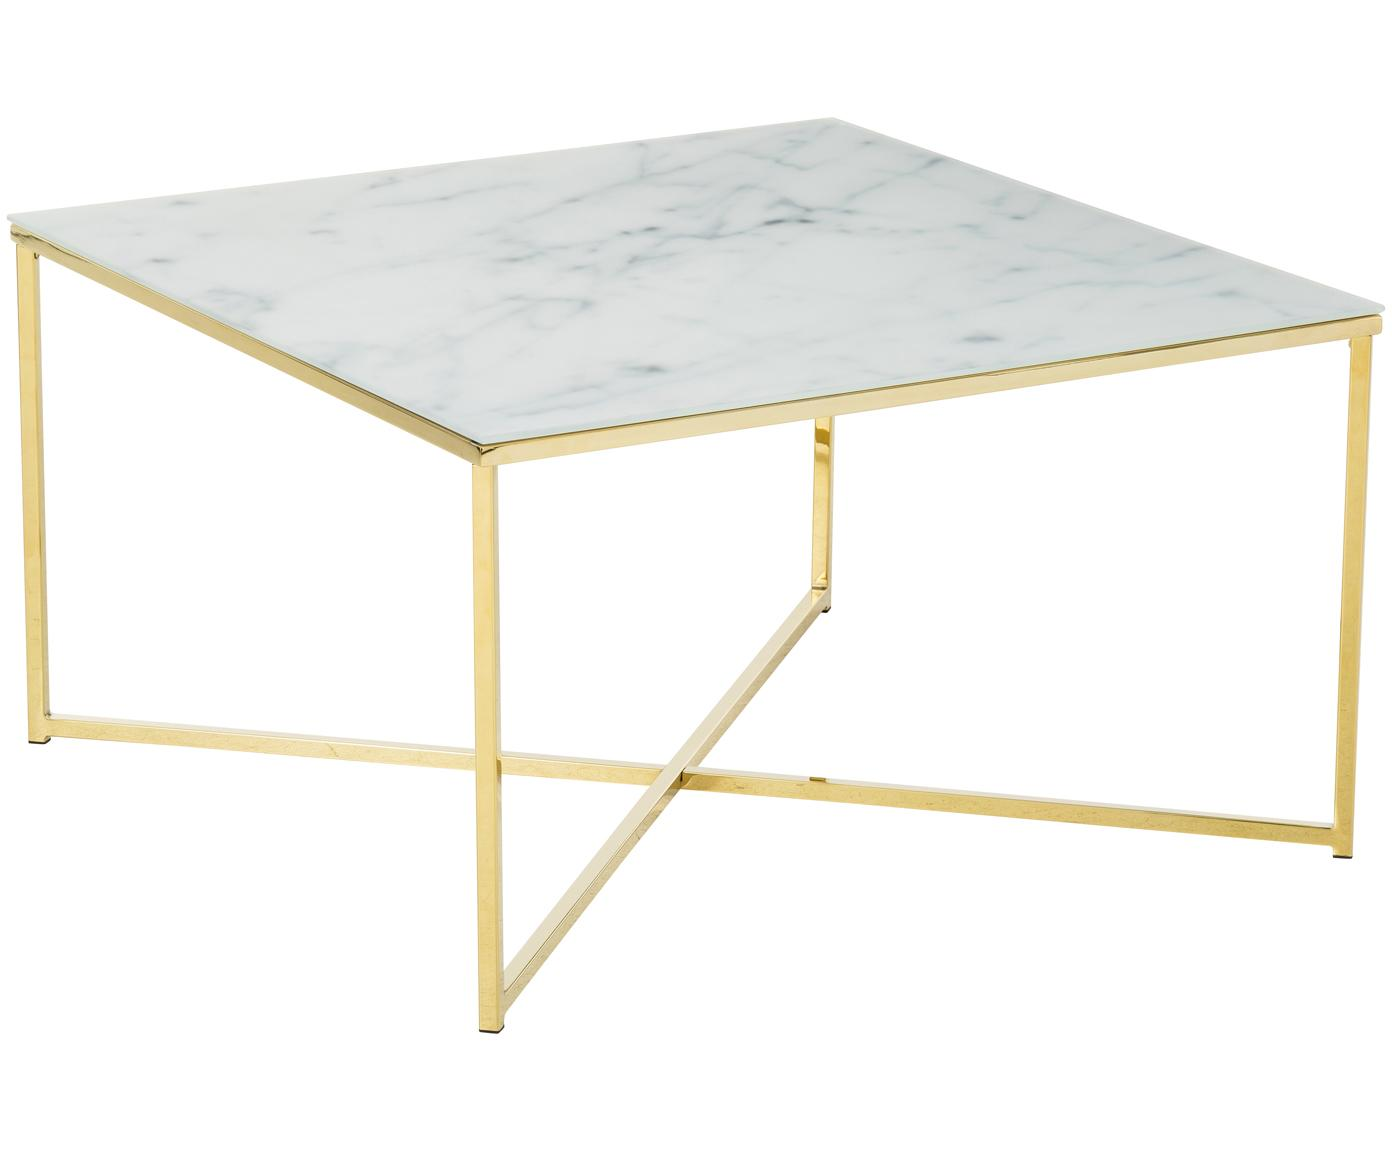 Couchtisch Aruba mit marmorierter Glasplatte, Tischplatte: Sicherheitsglas, matt bed, Gestell: Stahl, vermessingt, Weiß, Messing, 80 x 45 cm